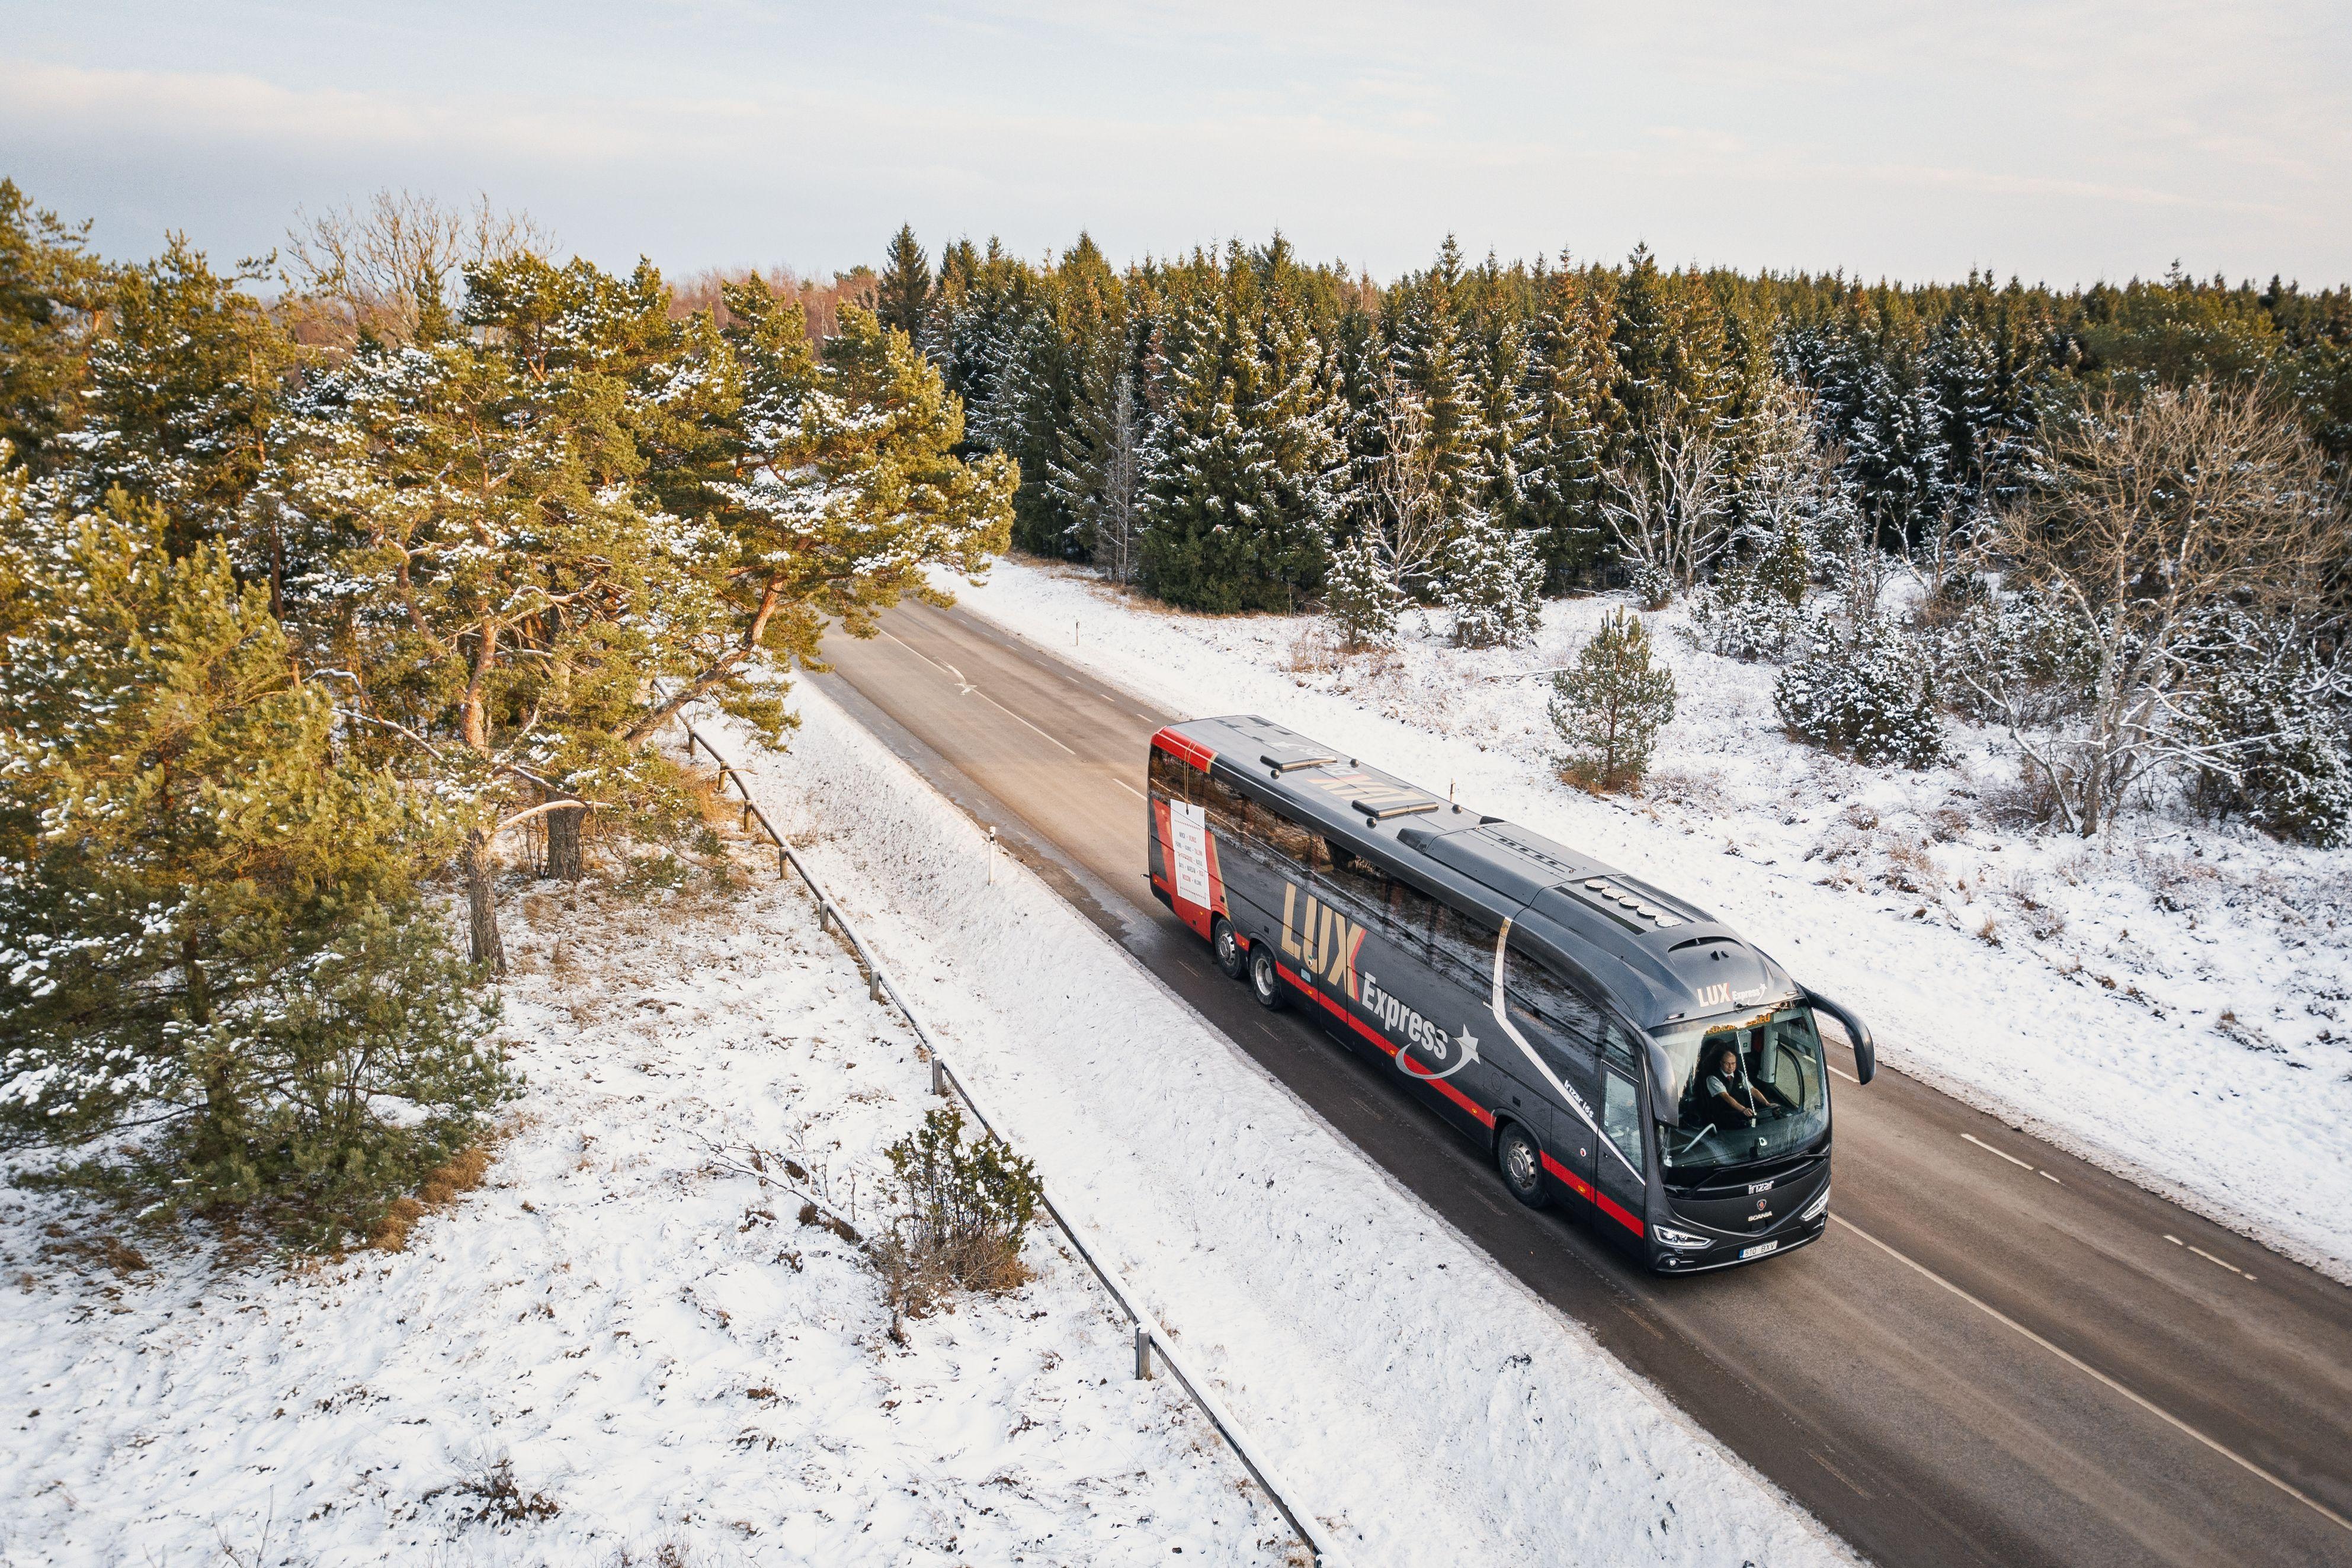 Top 5 tööandjad transpordi ja logistika sektoris: Edetabel sai uue liidri!